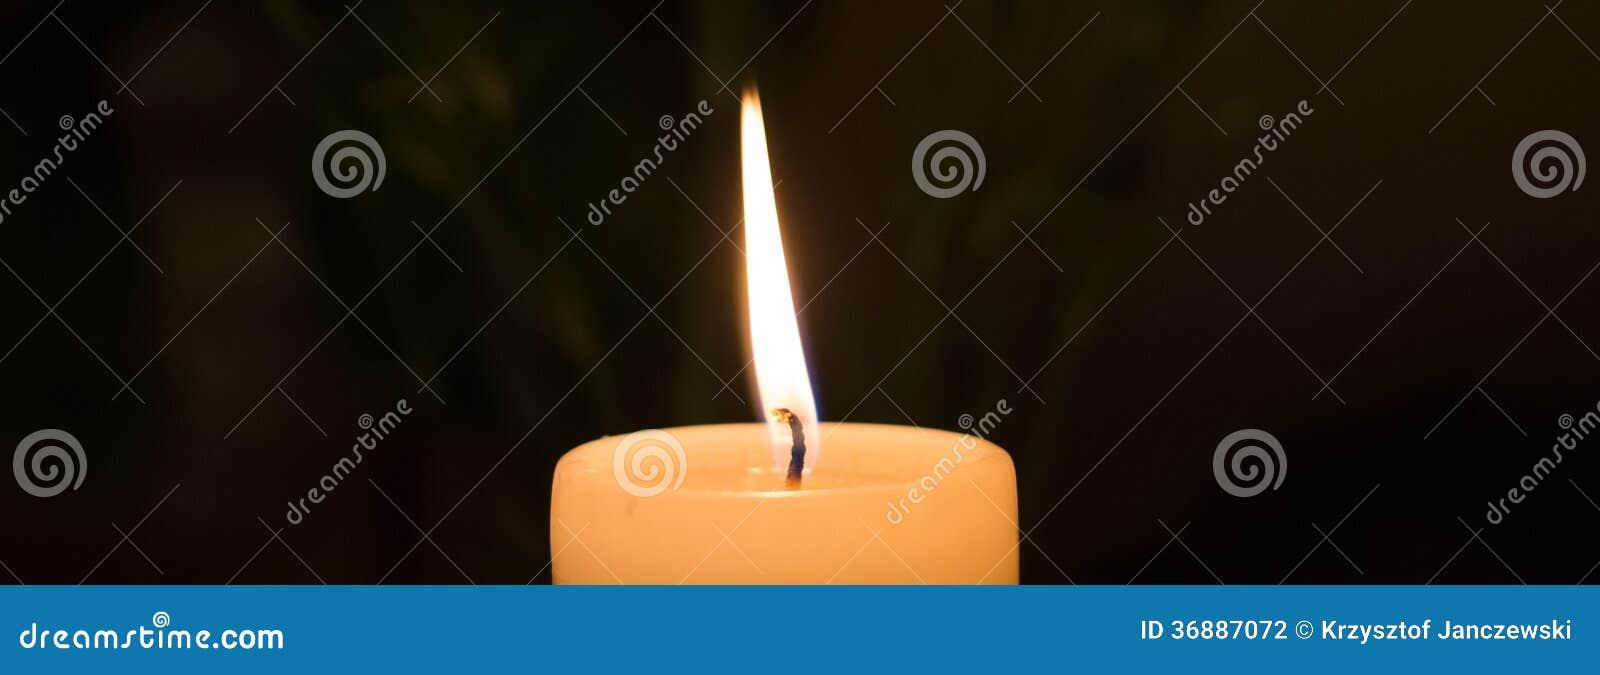 Download La candela. fotografia stock. Immagine di illumini, incandescenza - 36887072